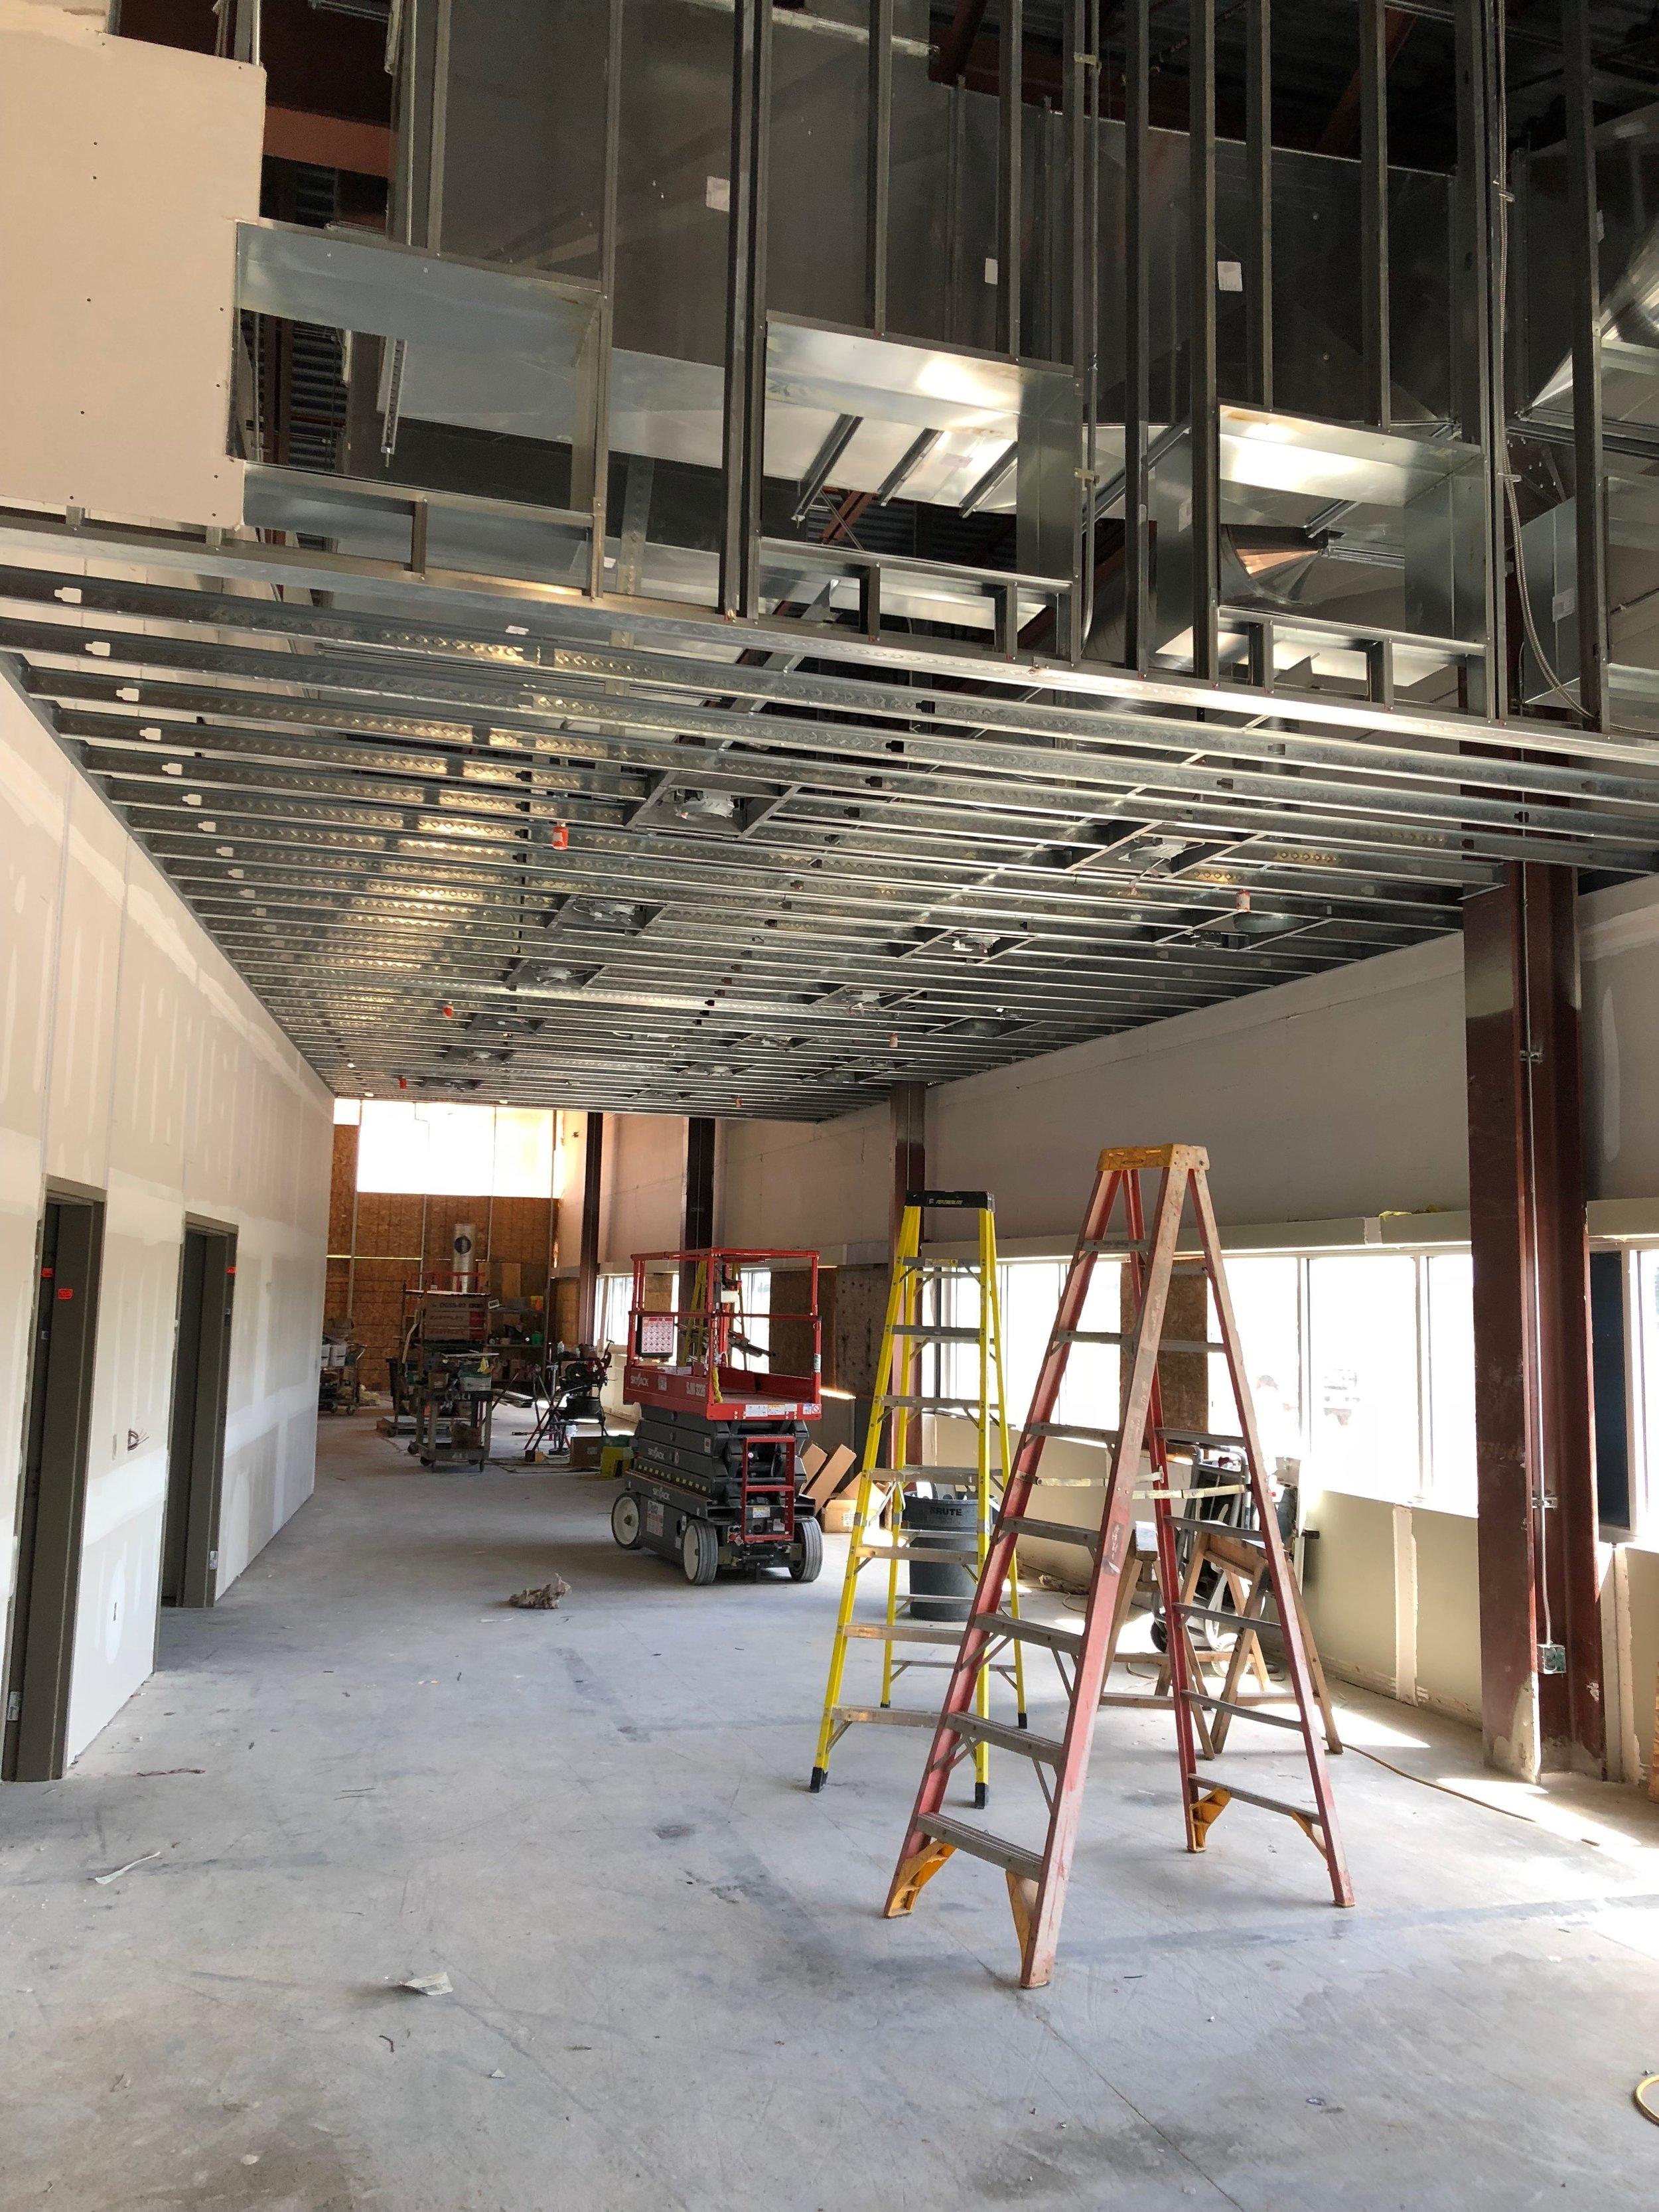 Hallway ceiling & drywall work